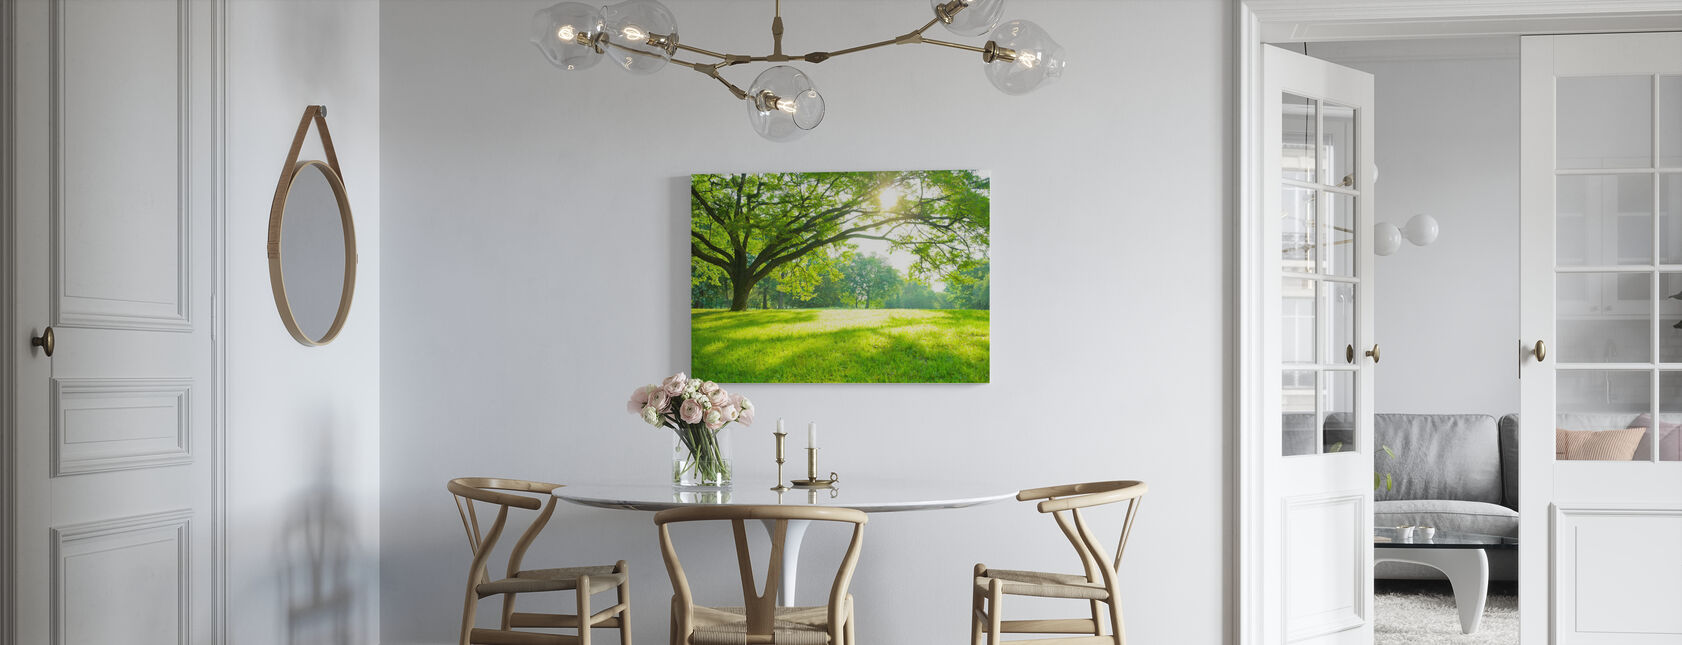 Summer Park - Canvas print - Kitchen